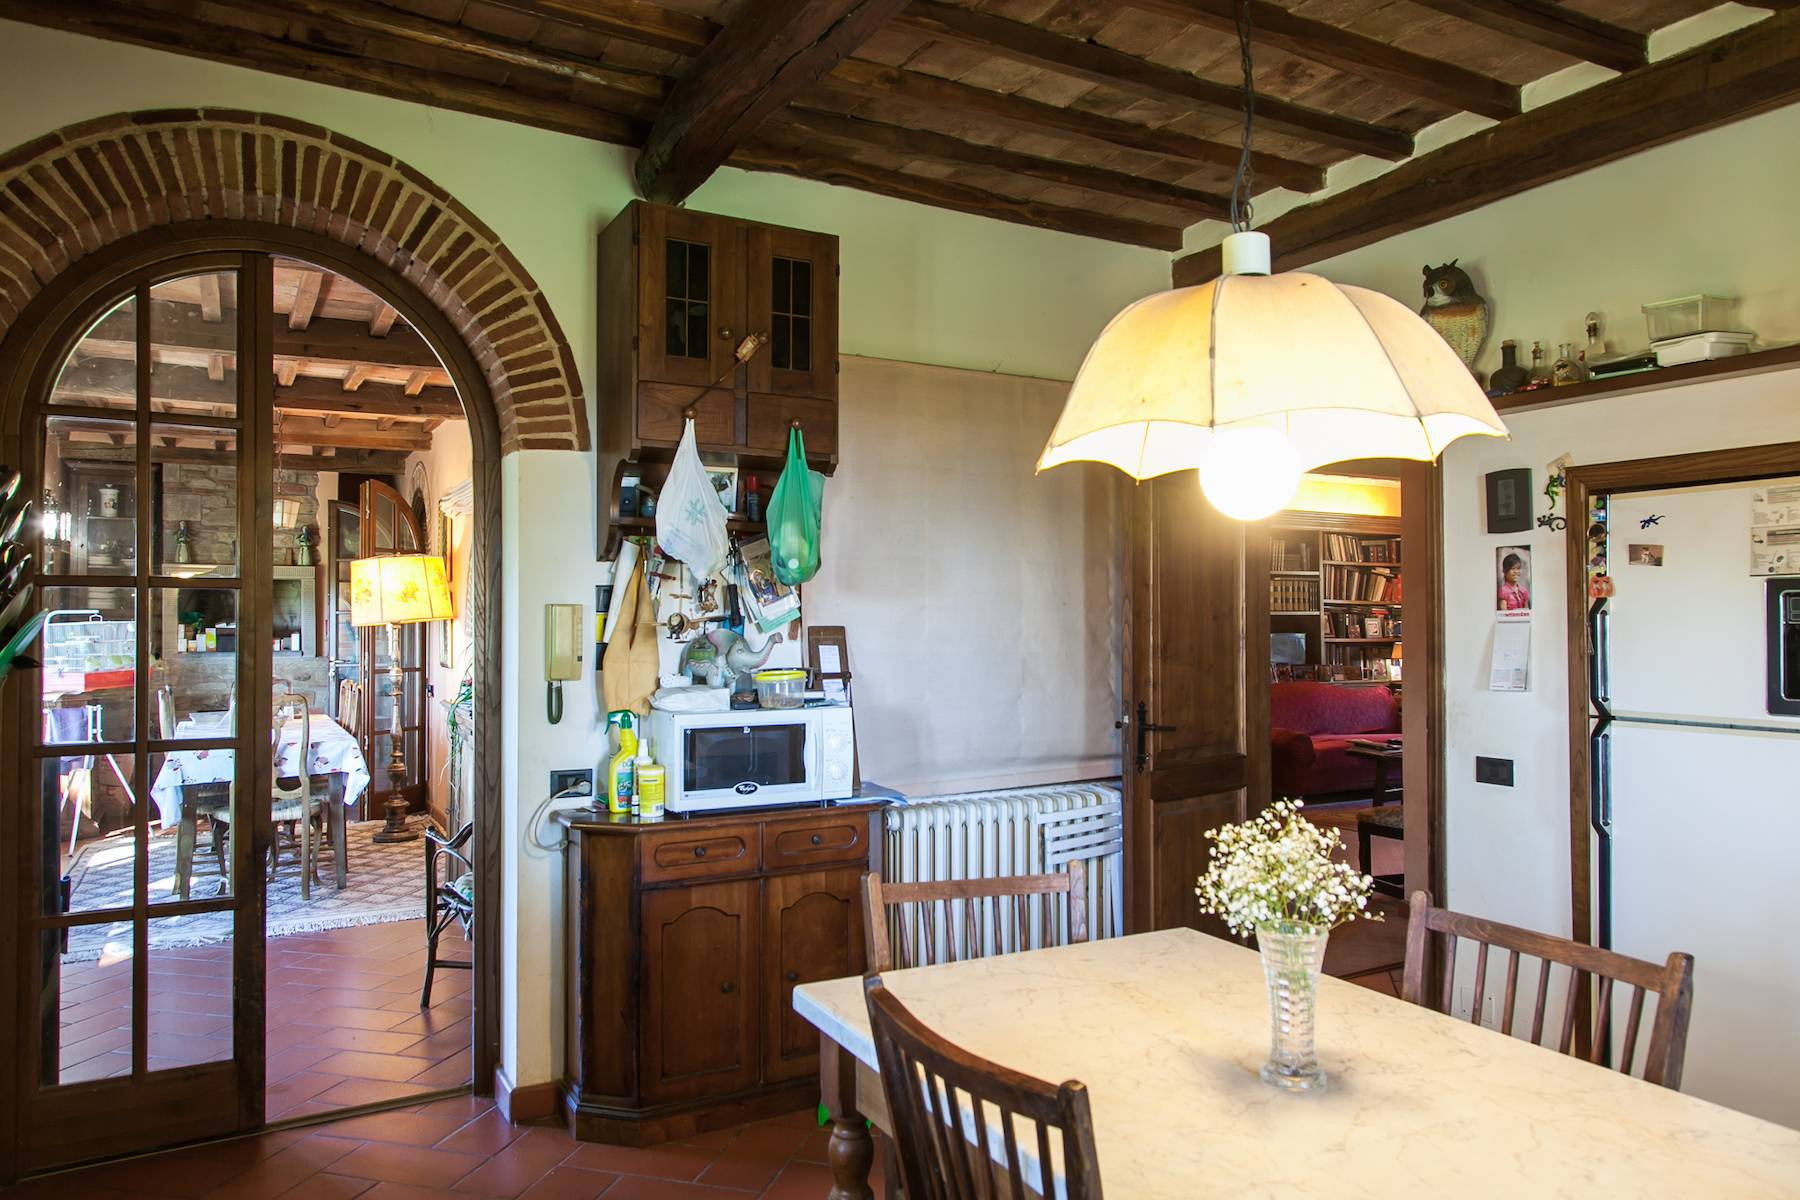 Villa historique dans la campagne toscane - 24